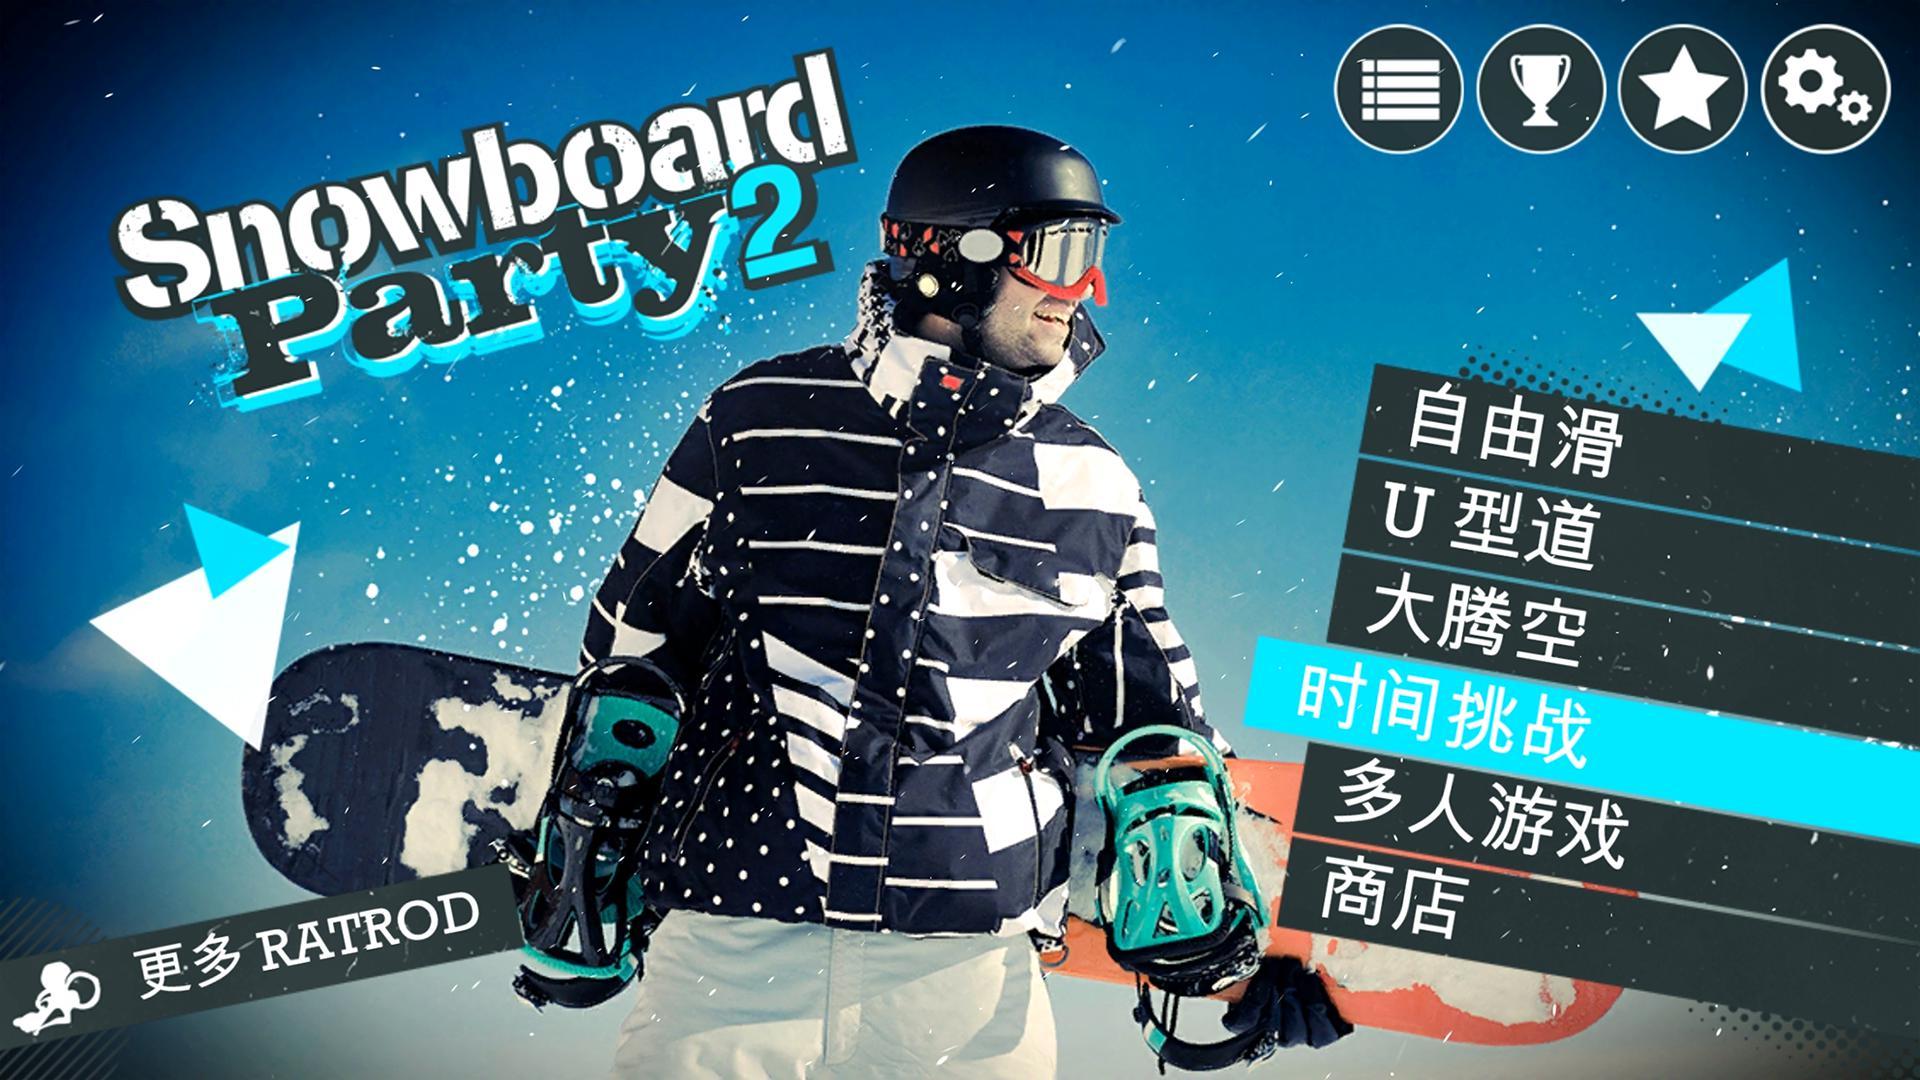 Snowboard Party: World Tour下载好了却安装不了